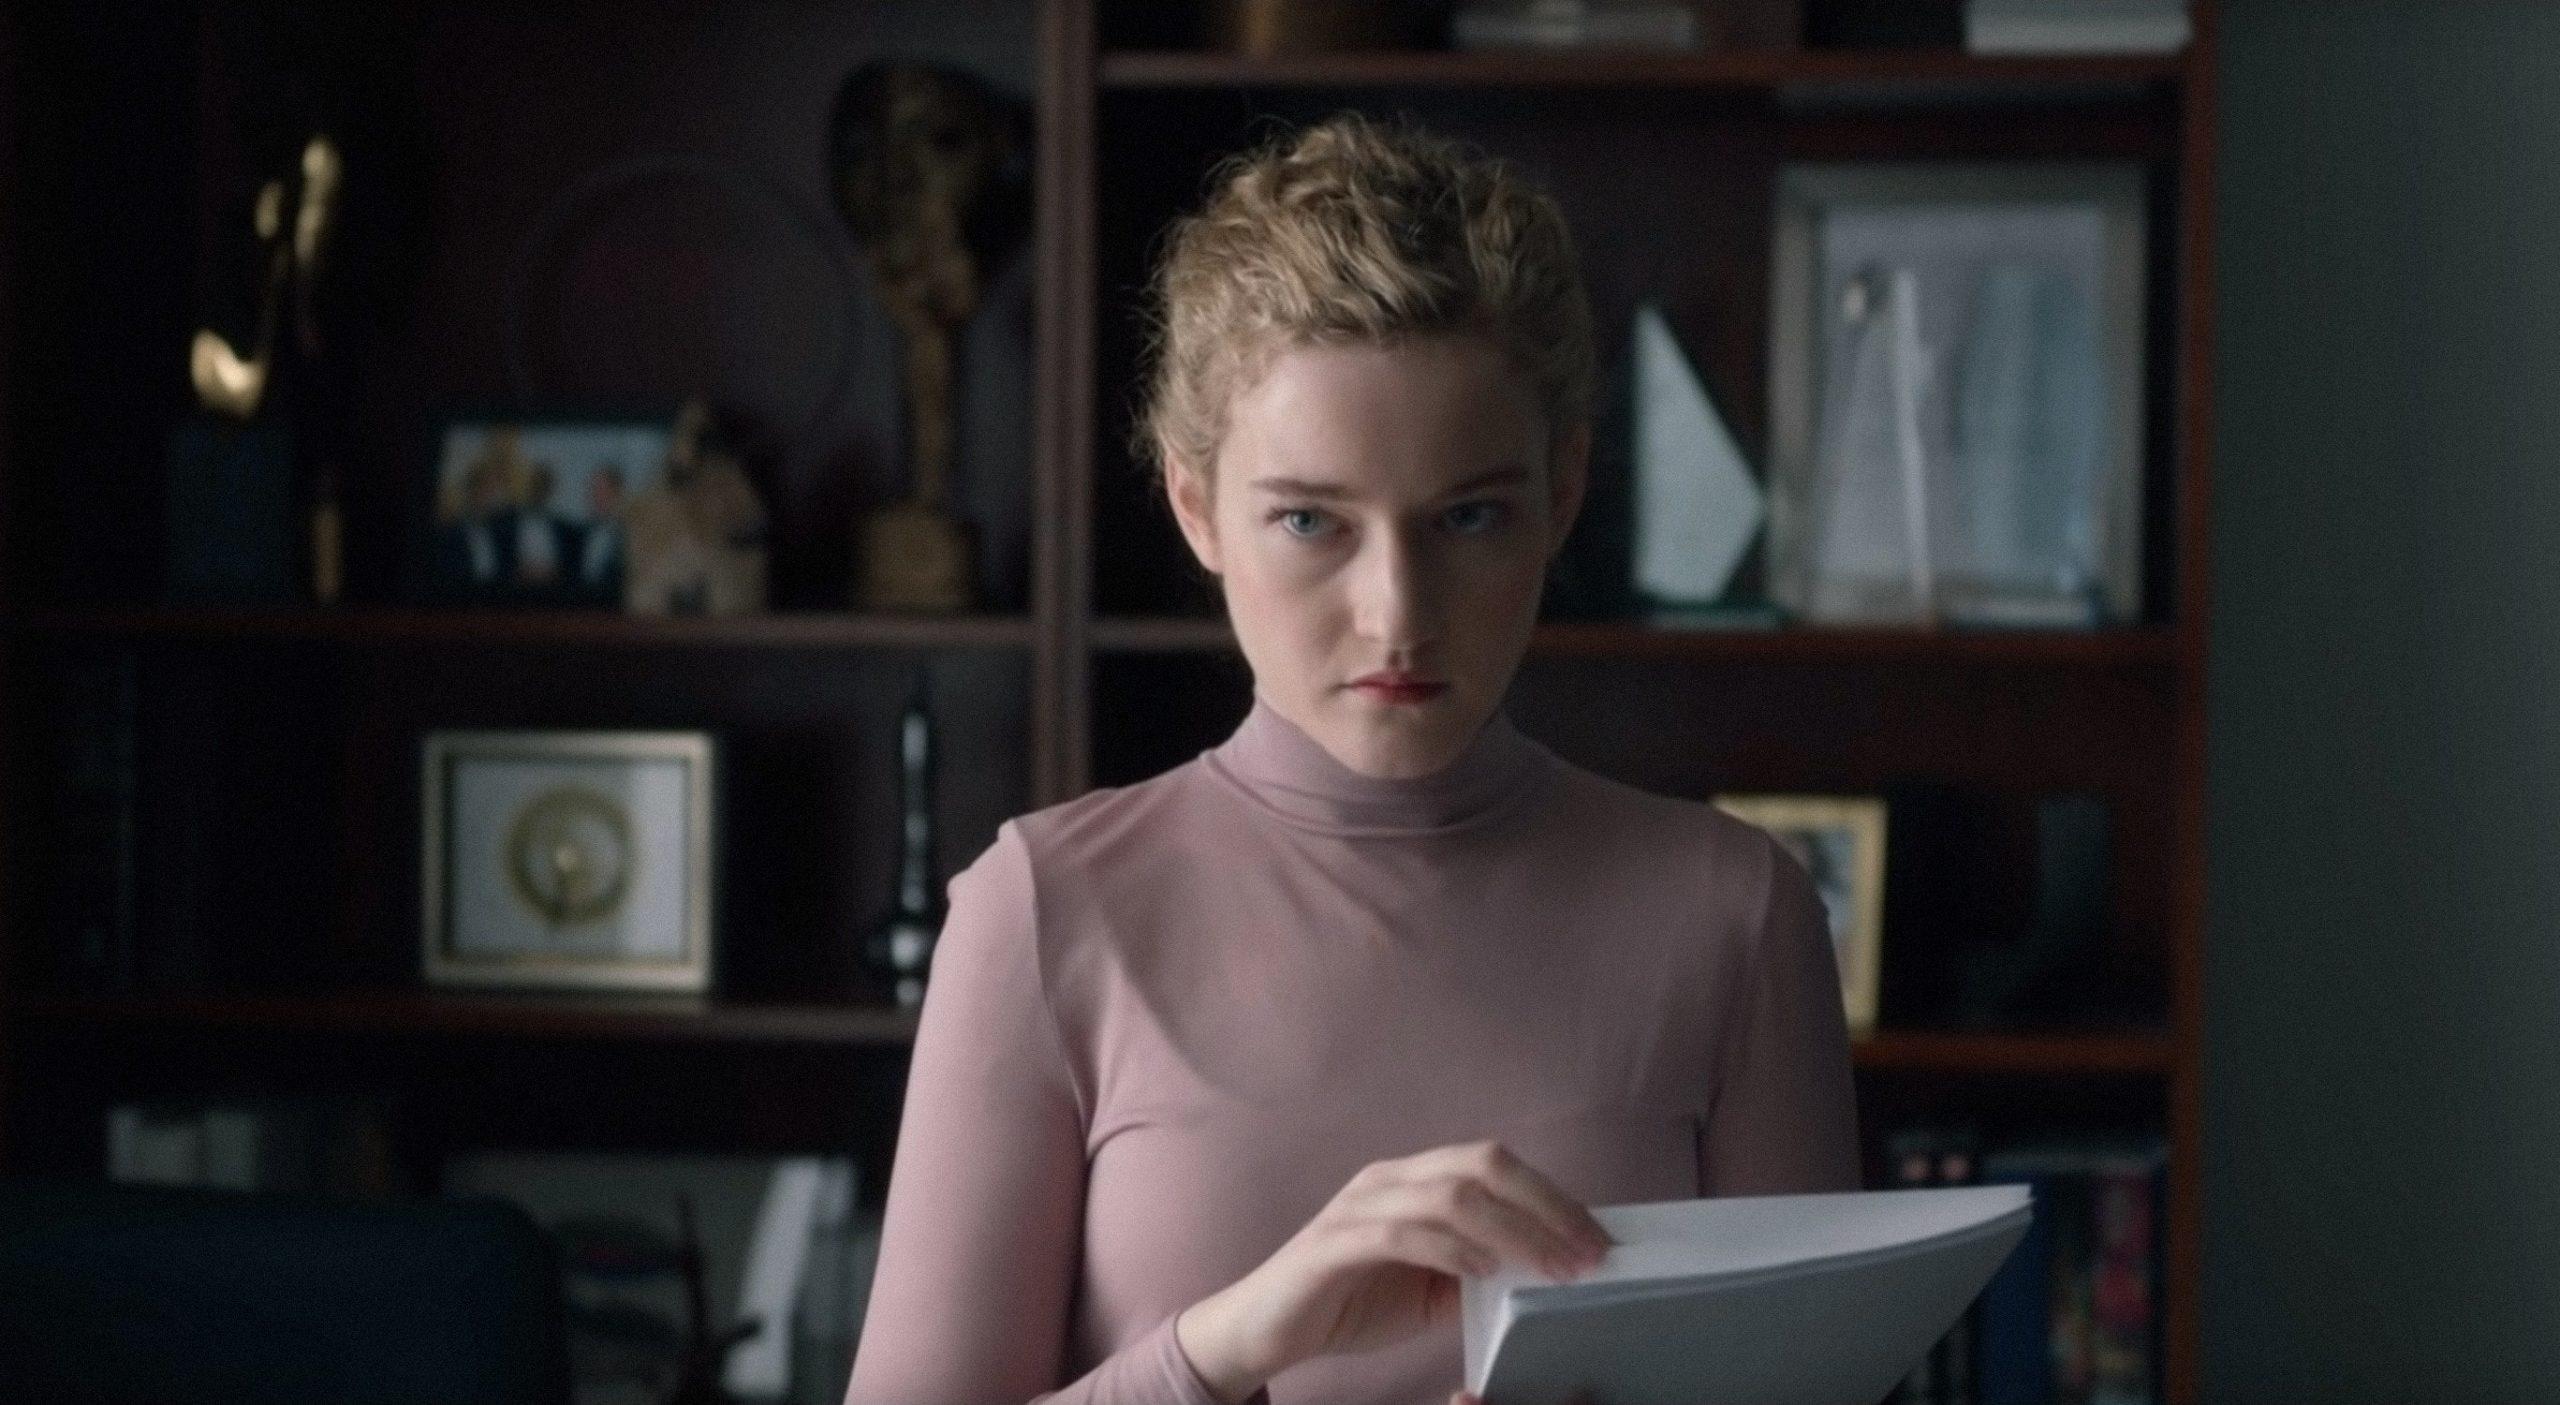 A imagem é de uma cena do filme A Assistente. Nela, a atriz Julia Garner, que interpreta Jane, está segurando um roteiro no braço esquerdo, com a mão direita puxando uma das folhas. Julia é uma mulher branca de cabelos loiros, que estão presos em um coque, ela veste uma blusa rosa de mangas compridas e gola alta e está olhando fixamente para a sua direita. Atrás de Julia, há uma estante com troféus, livros e enfeites.